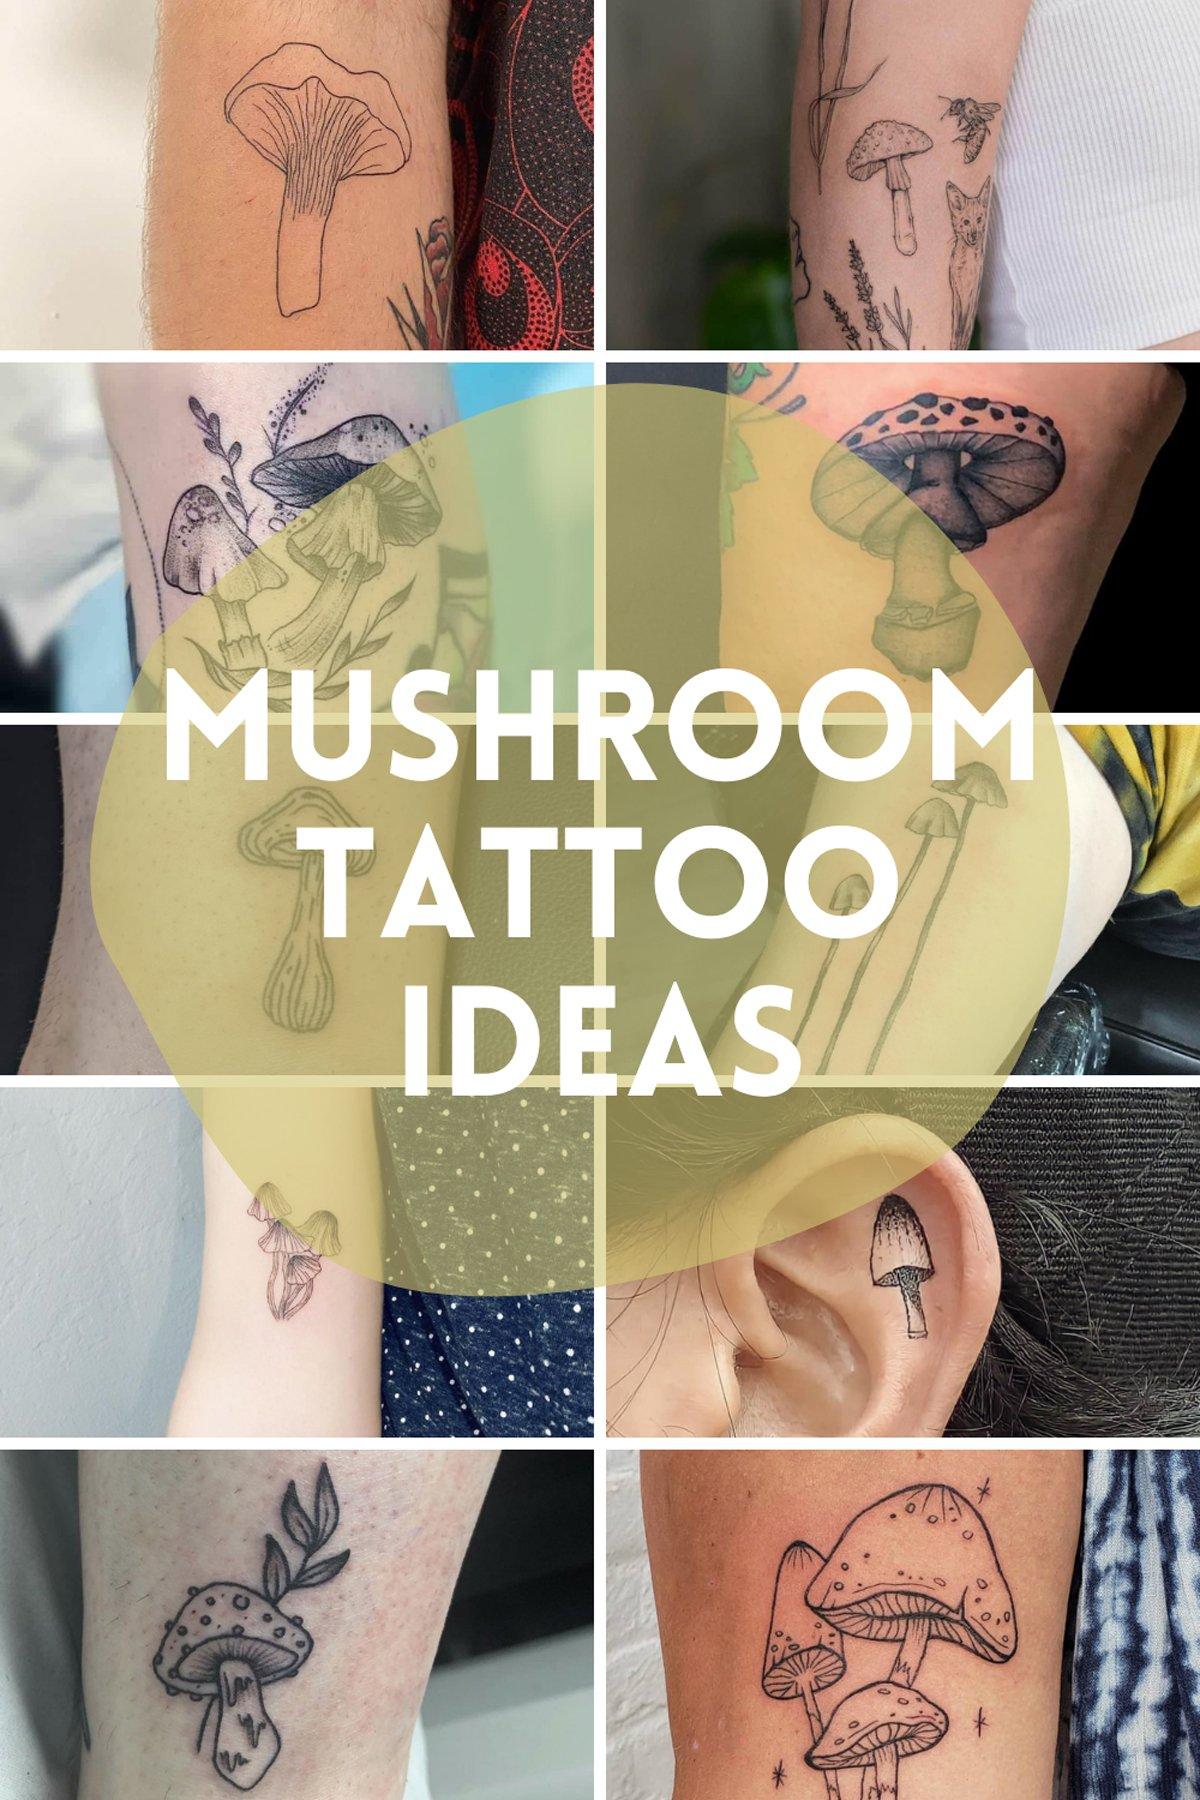 Mushroom Tattoo Ideas